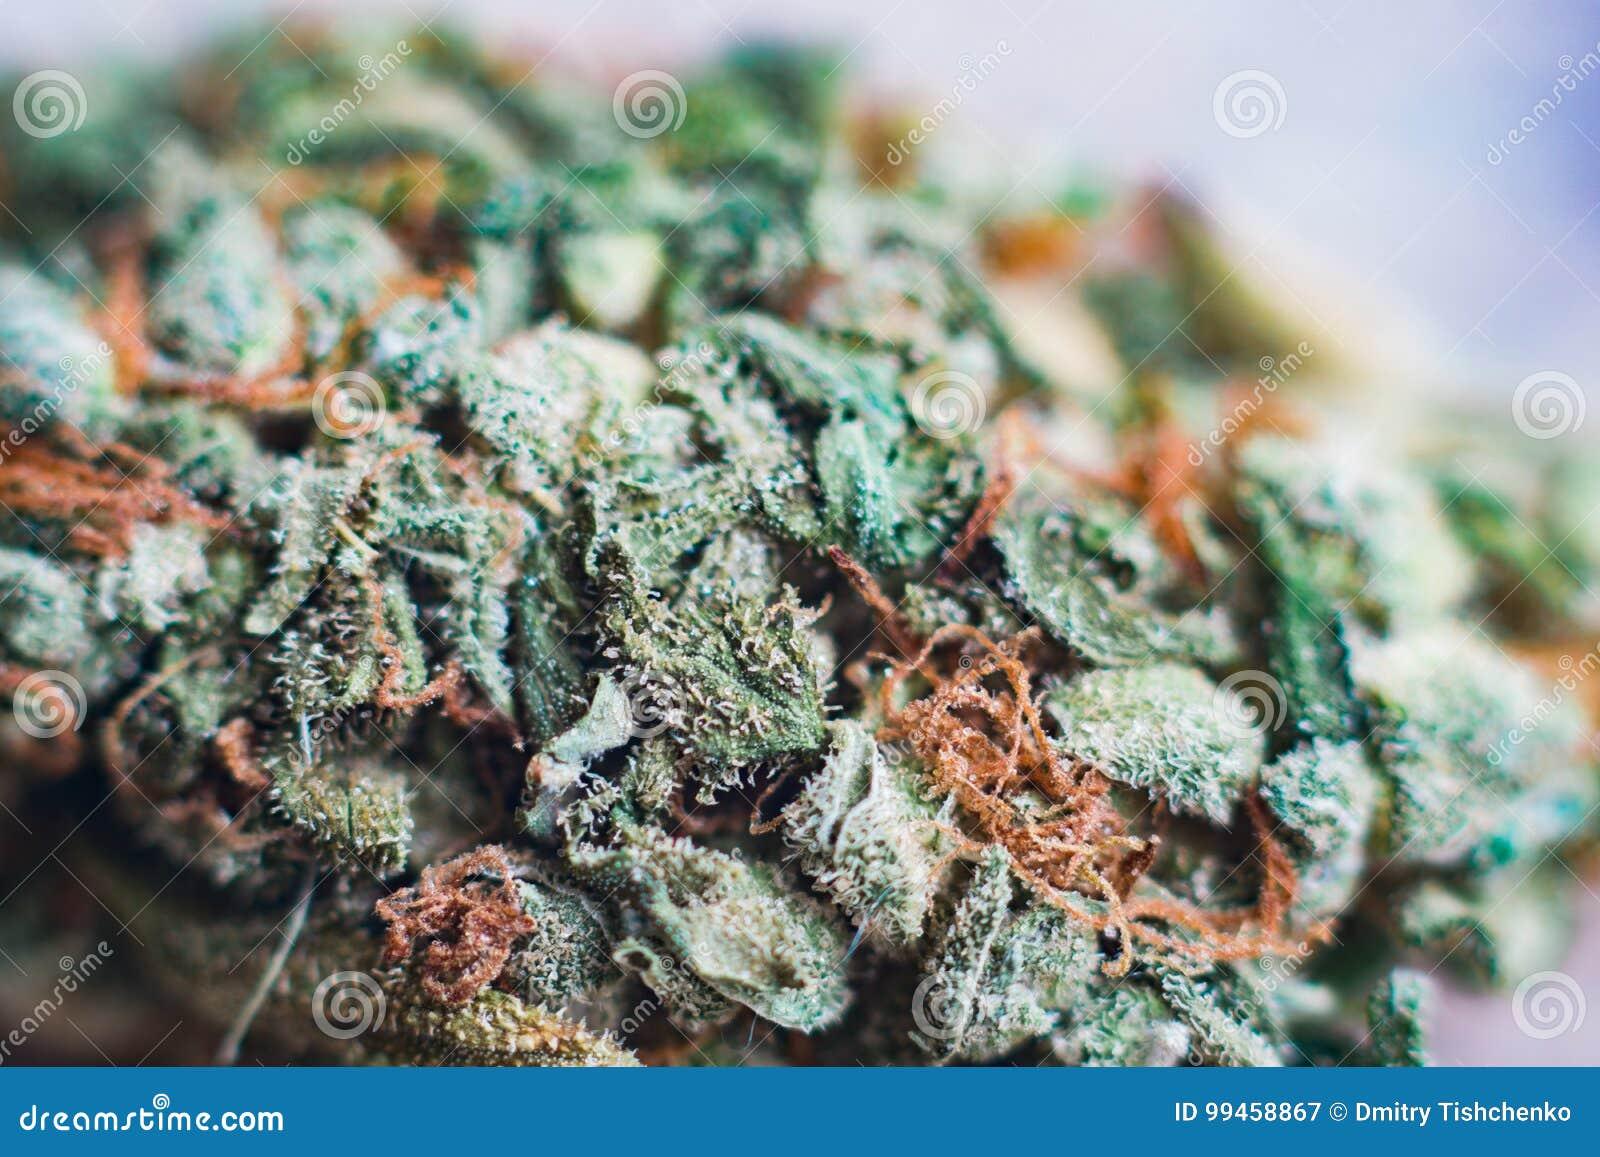 Marijuana Macro Fleur Tangiematic Sativa De Thc De Trichomes De